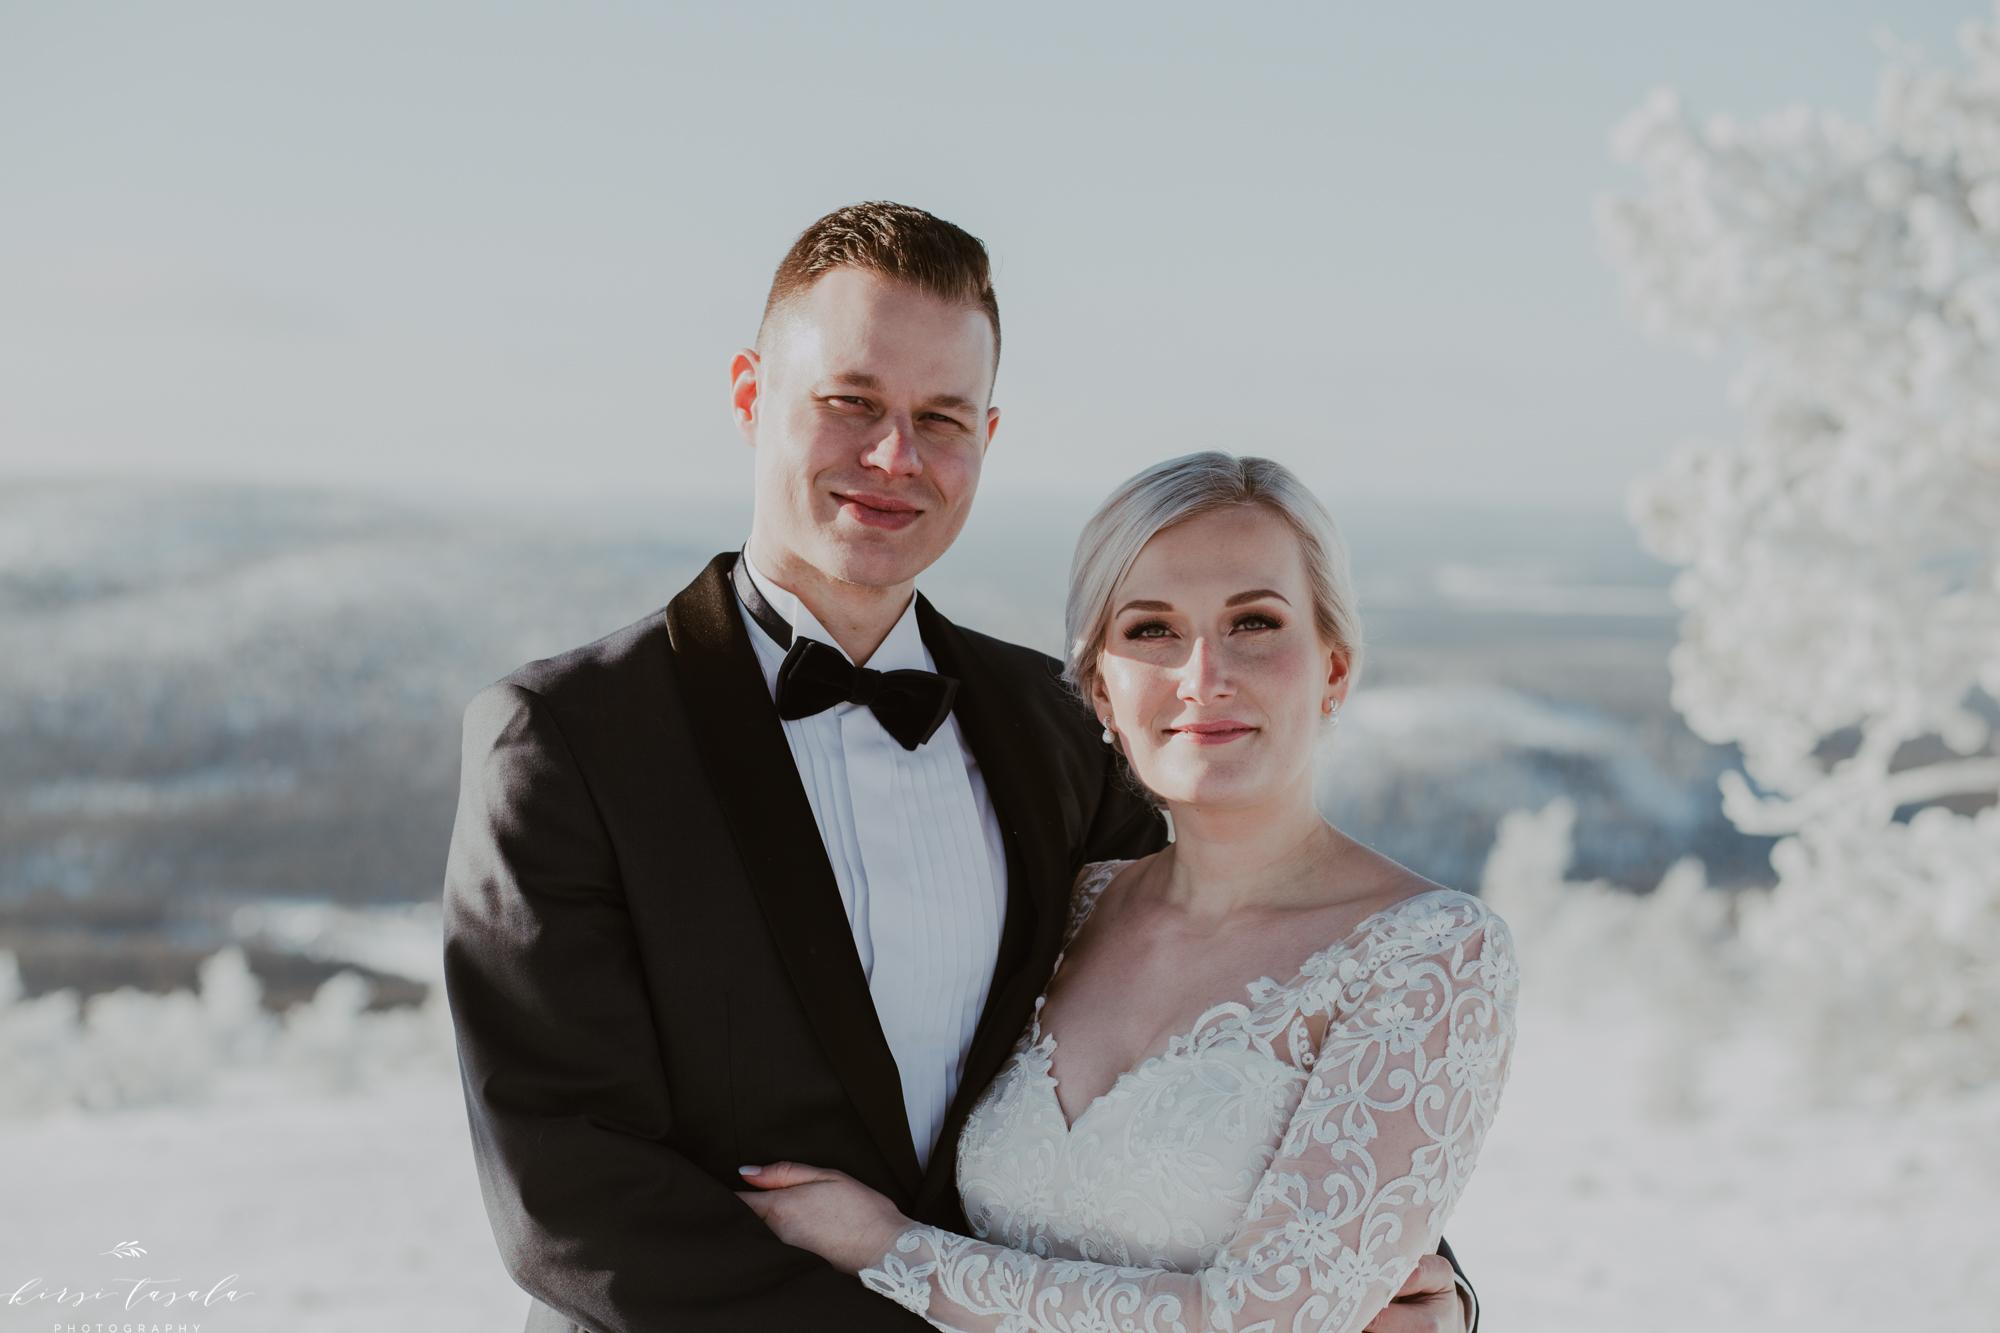 Ilona&Jukka-214.jpg